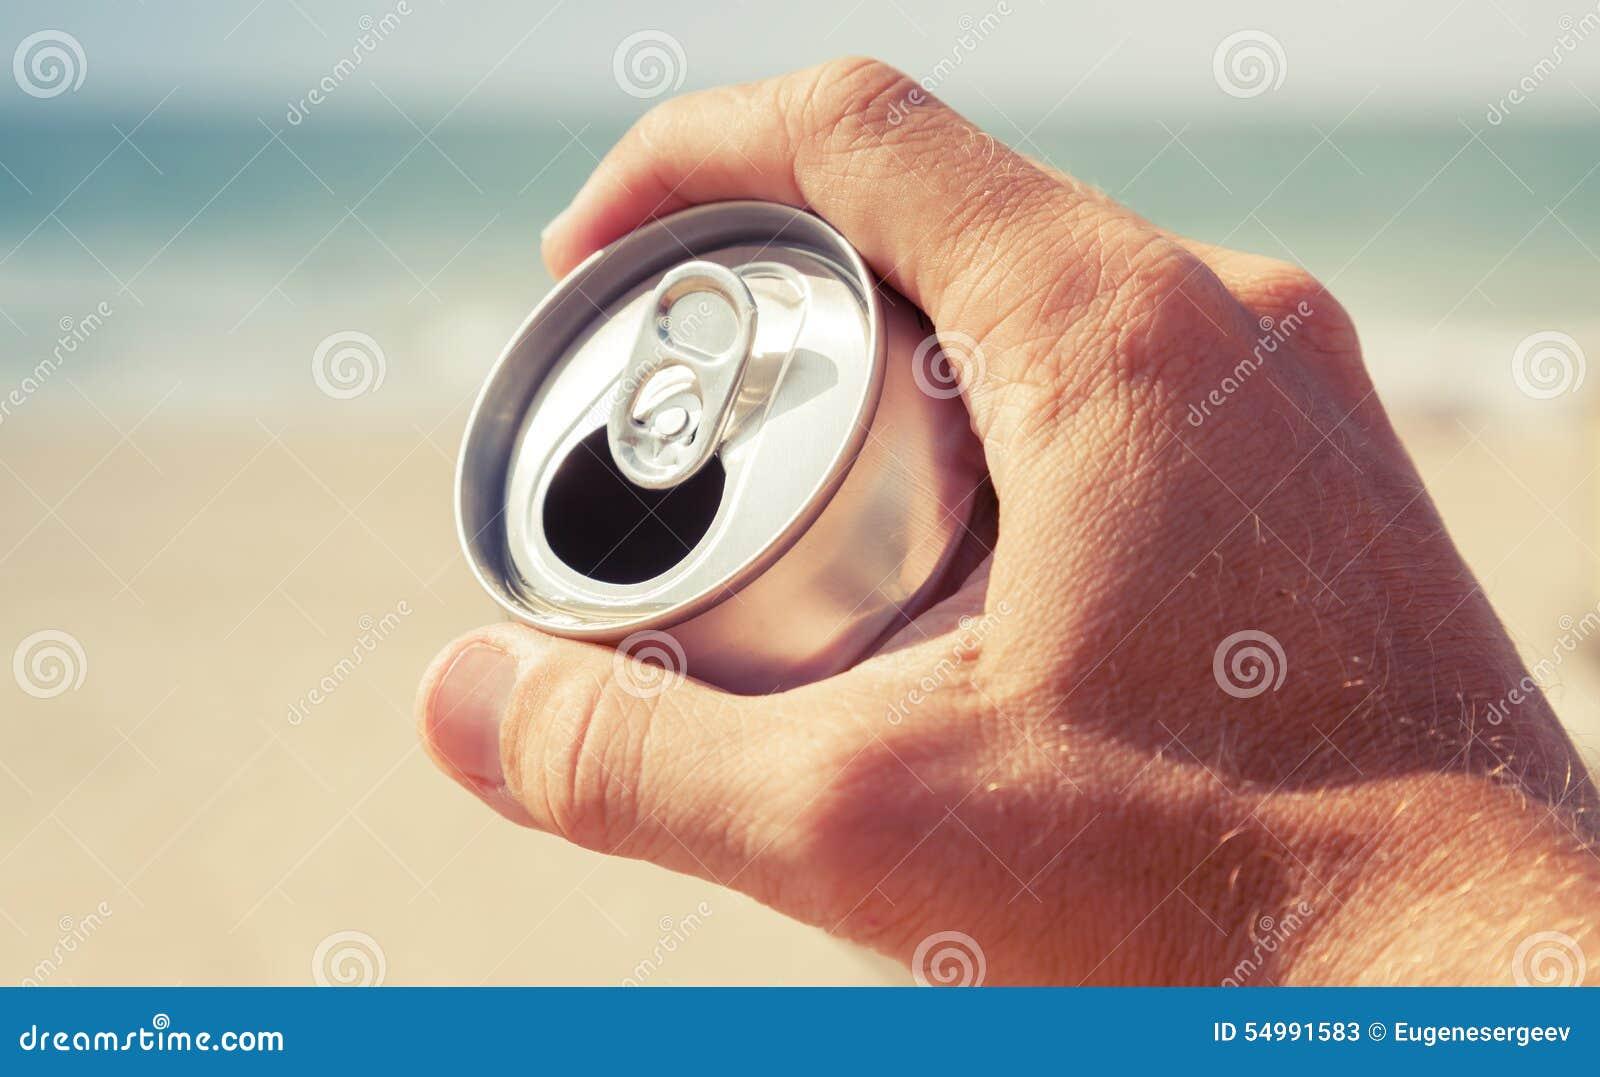 Boîte en aluminium de bière dans la main masculine, rétro modifié la tonalité